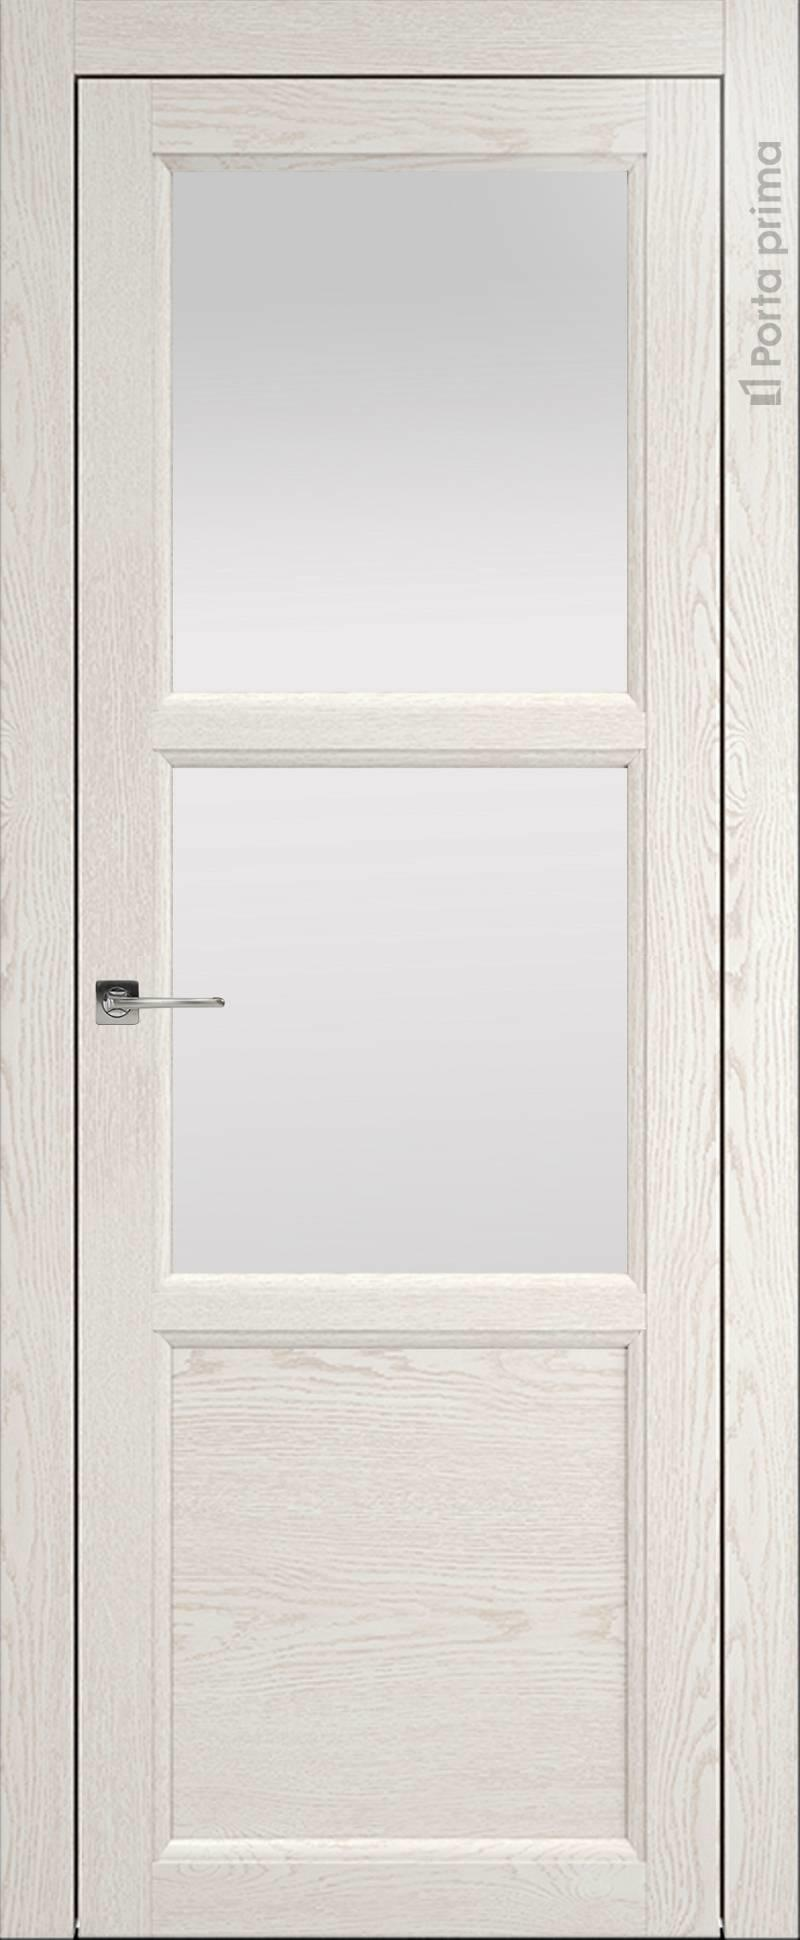 Sorrento-R Б2 цвет - Белый ясень (nano-flex) Со стеклом (ДО)